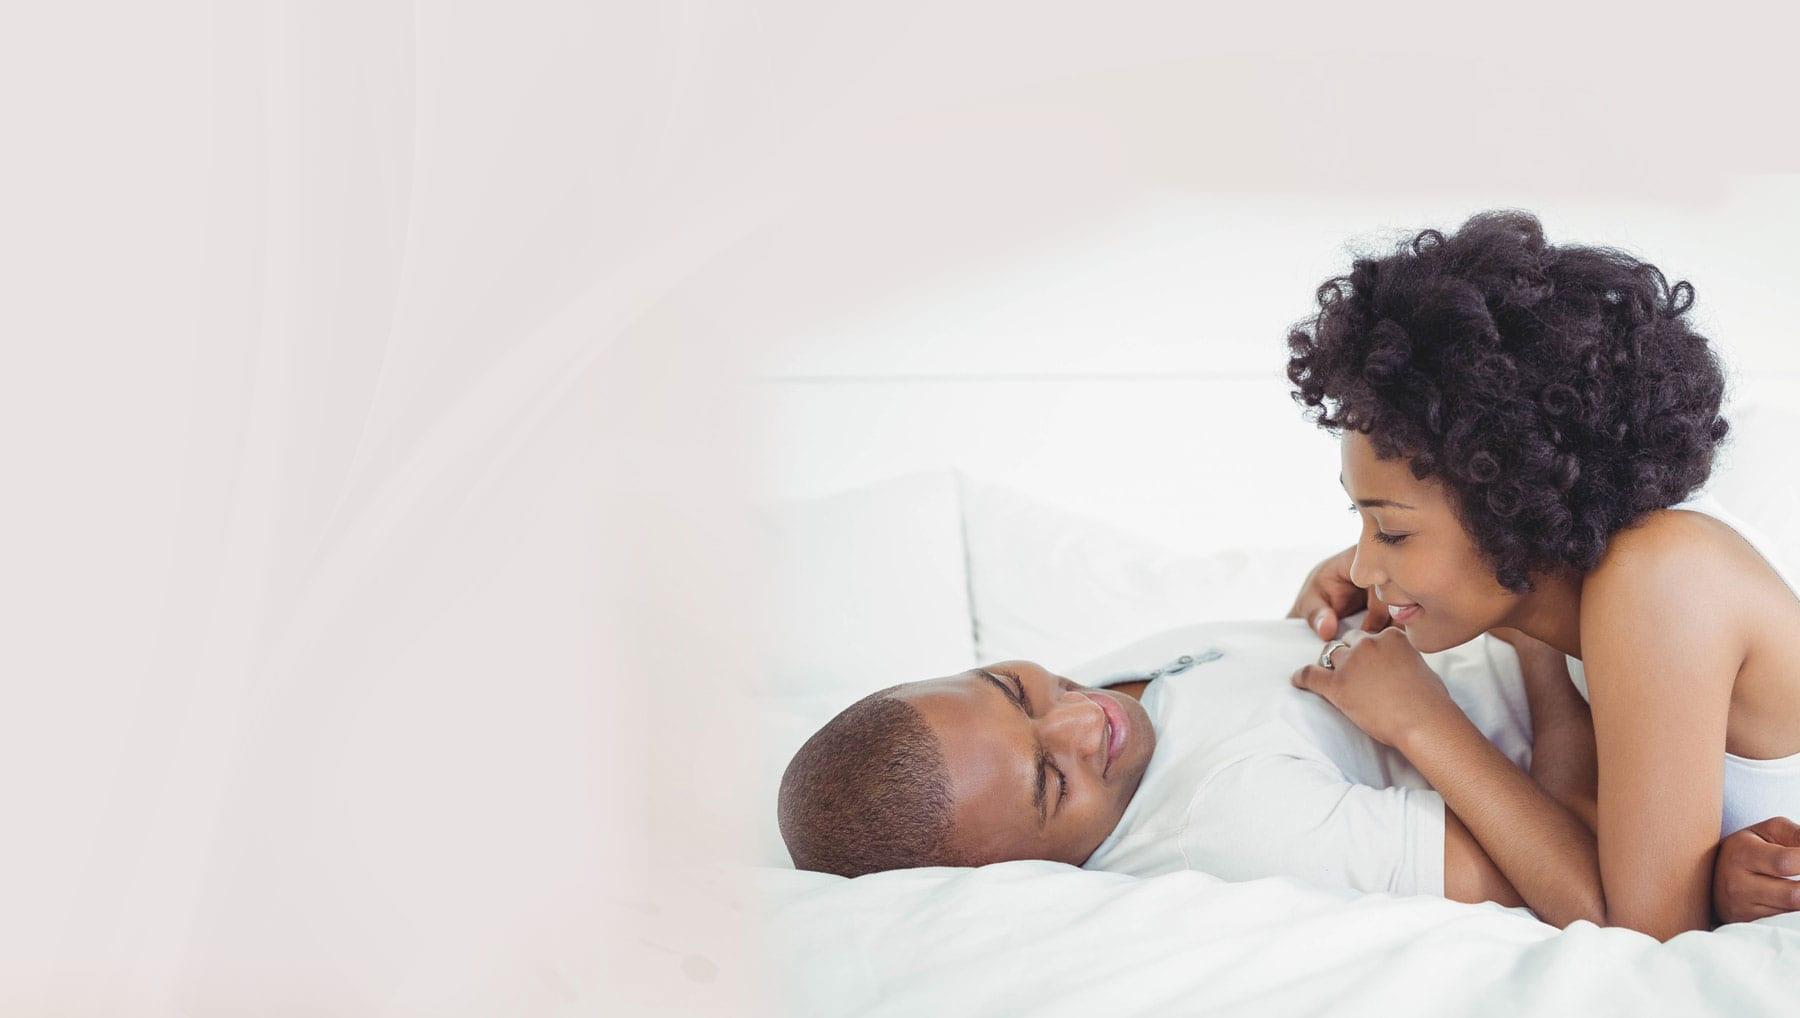 Site de rencontre gratuit pour célibataires black et métisses rencontre entre black